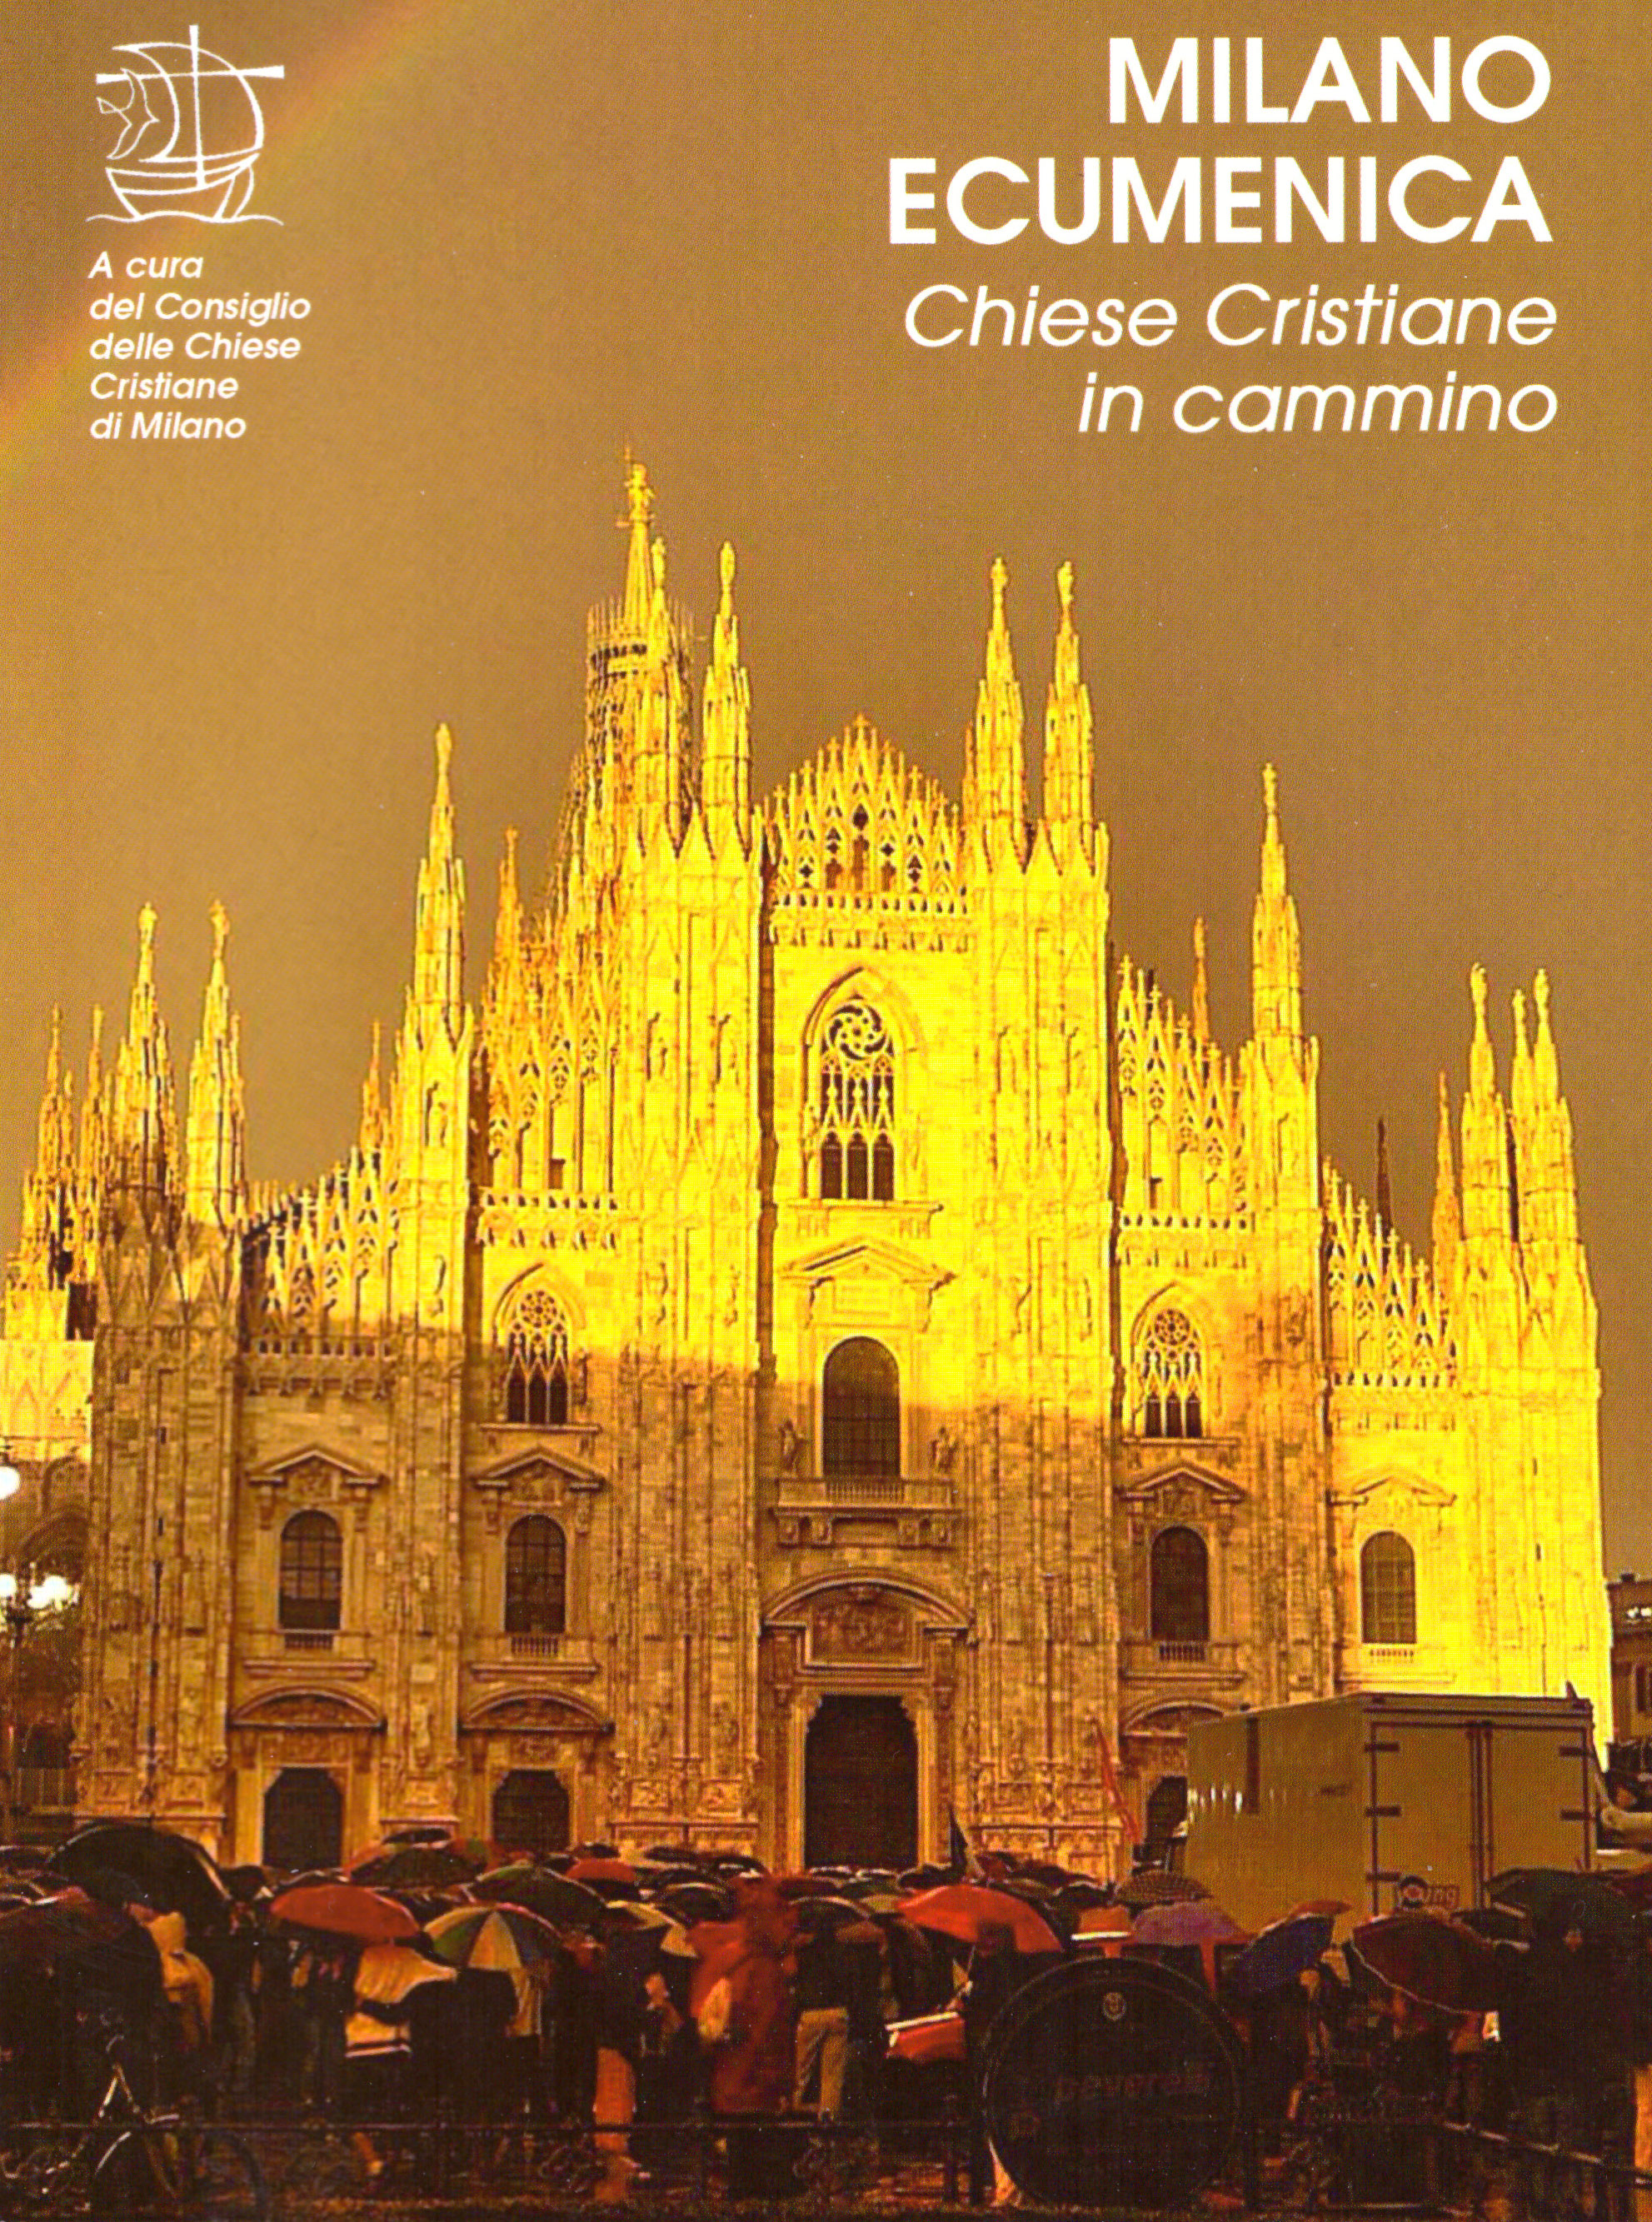 copertina seconda edizione Milano Ecumenica